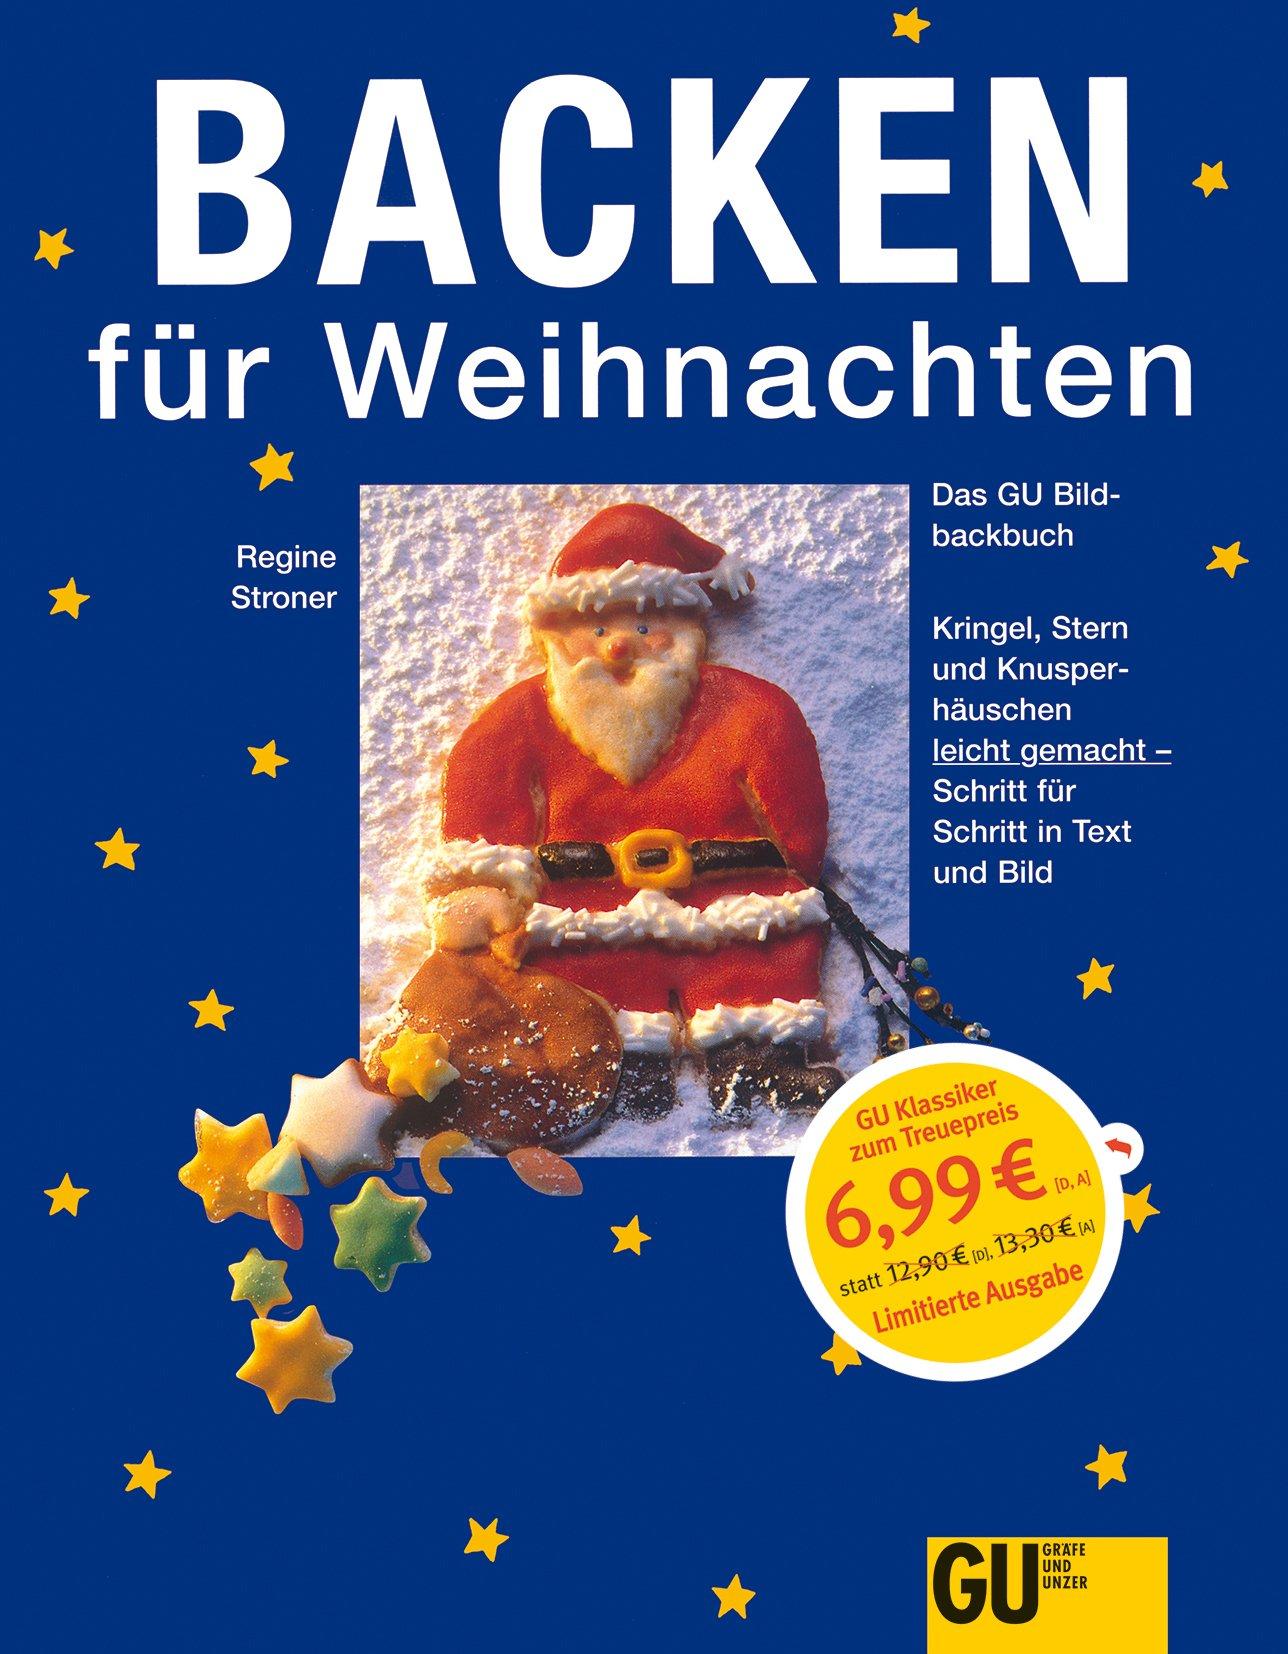 Backen für Weihnachten: Das GU-Bildbackbuch. Kringel, Stern und Knusperhäuschen leicht gemacht - Schritt für Schritt in Text und Bild